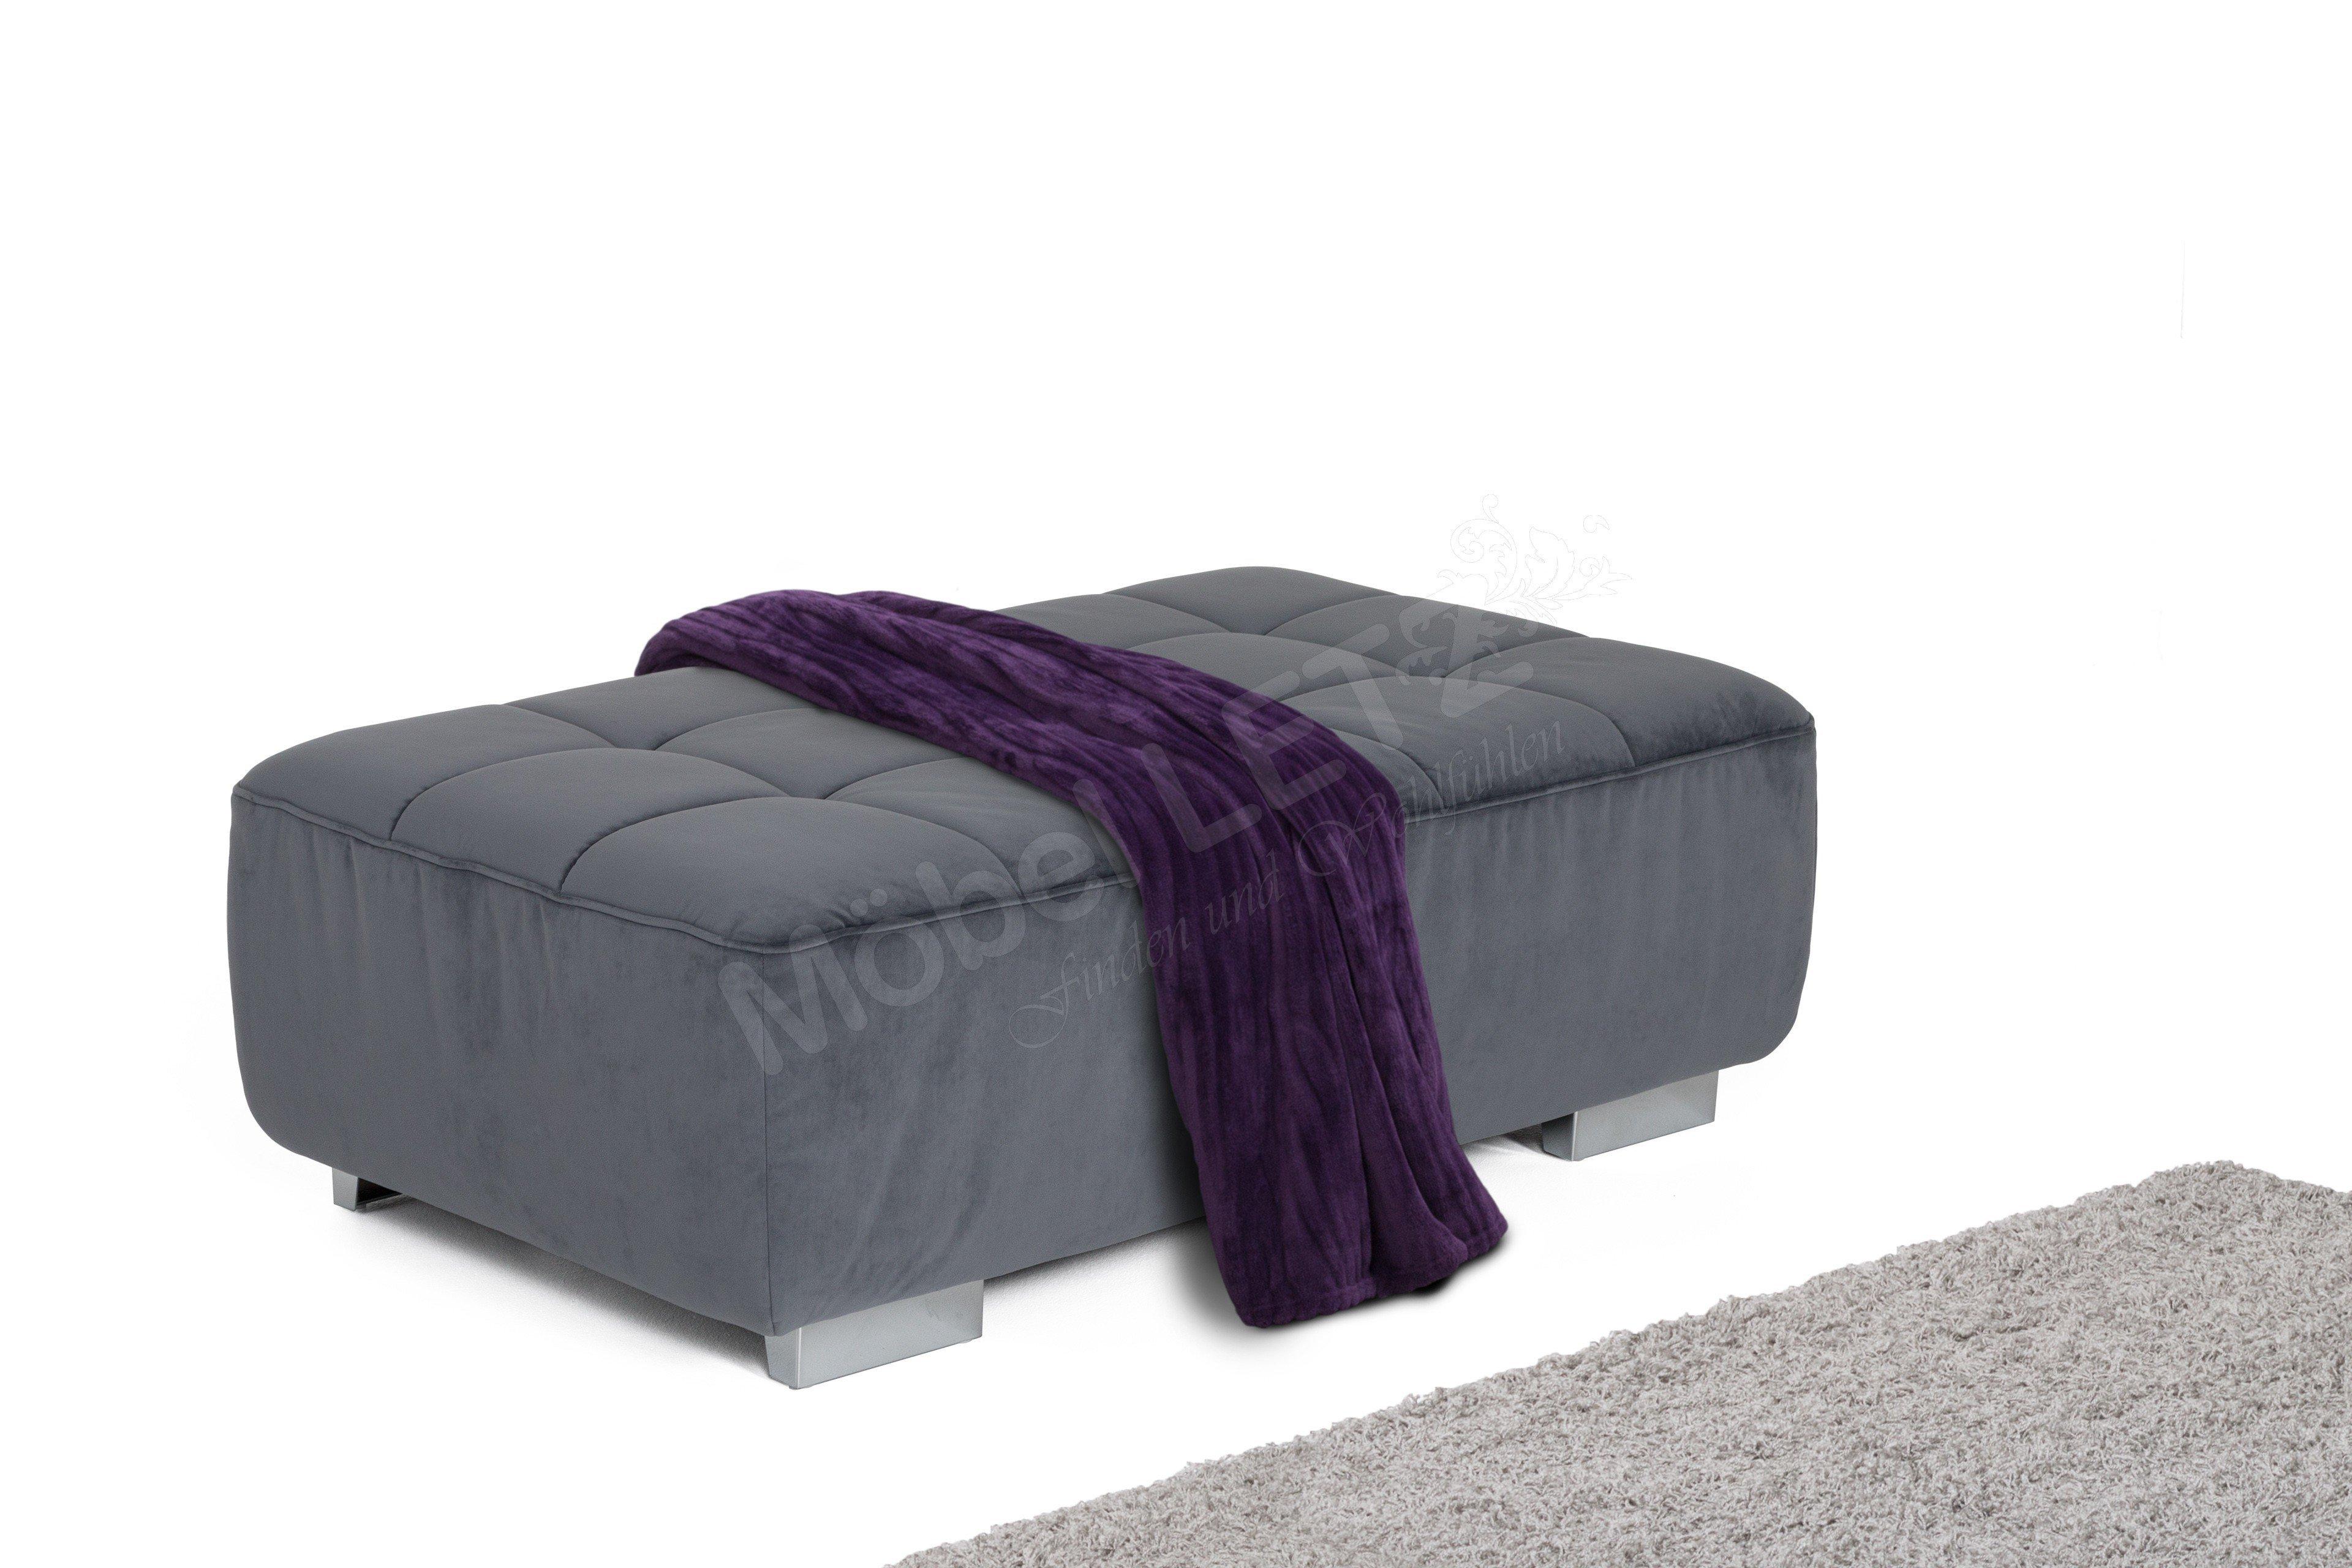 xxl mbel online kaufen best marvellous inspiration otto versand schn online kaufen sofa in u. Black Bedroom Furniture Sets. Home Design Ideas